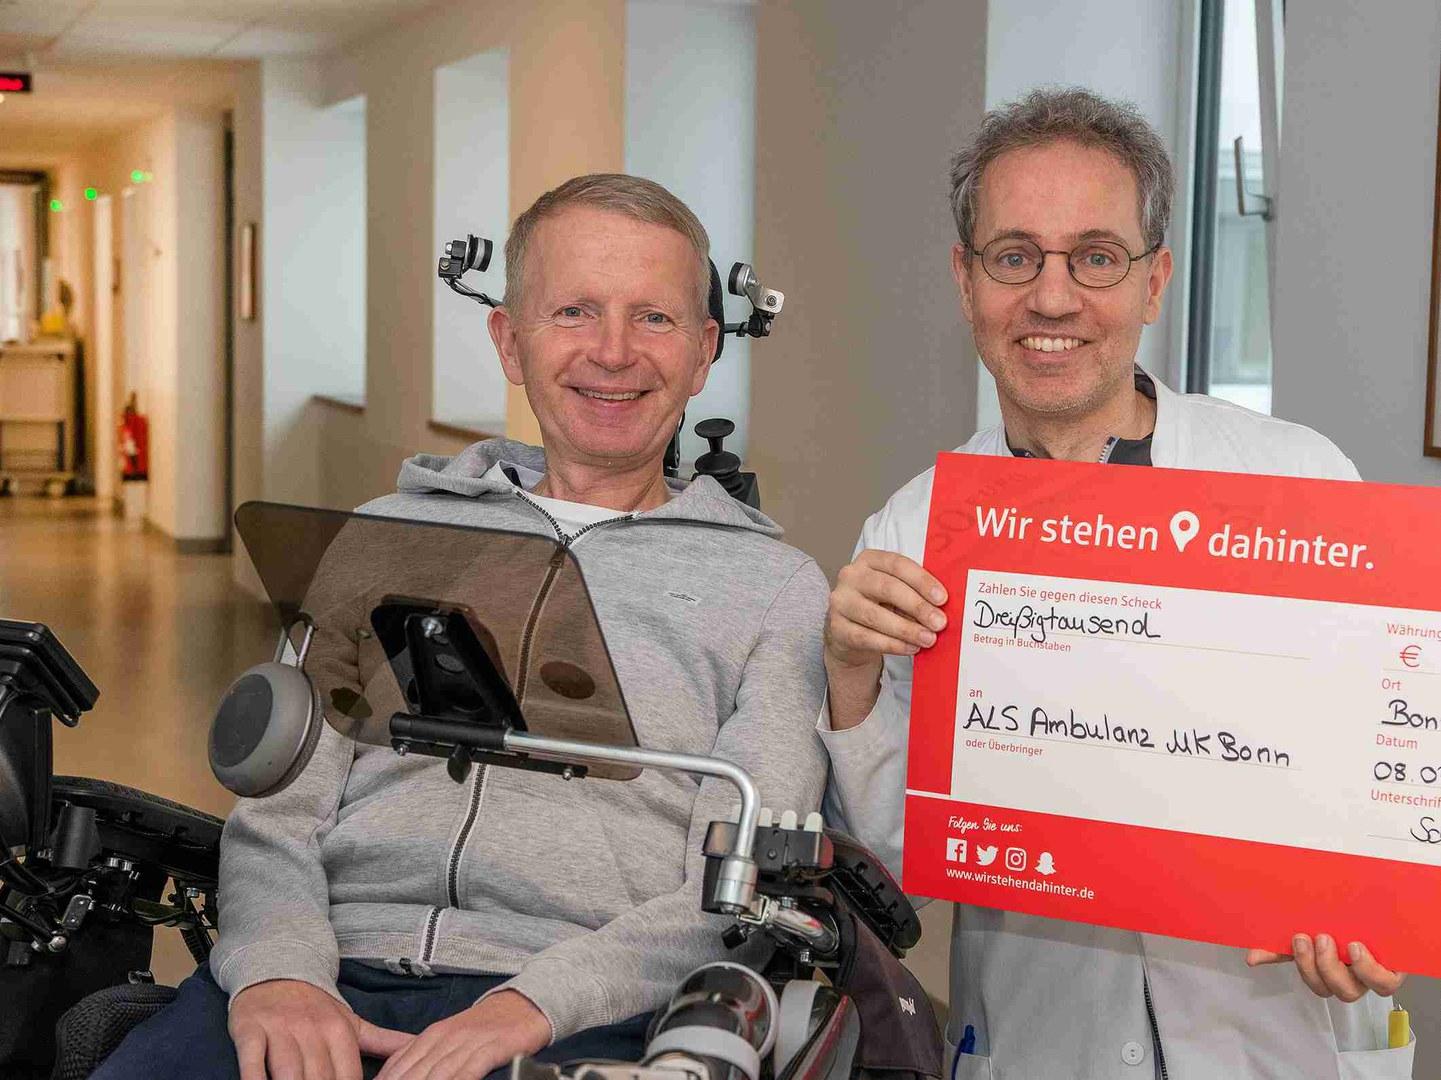 """Mit 30.000 Euro unterstützt der Verein """"Alle-Lieben-Schmidt"""" die Versorgung von ALS-Patienten am Universitätsklinikum Bonn:"""